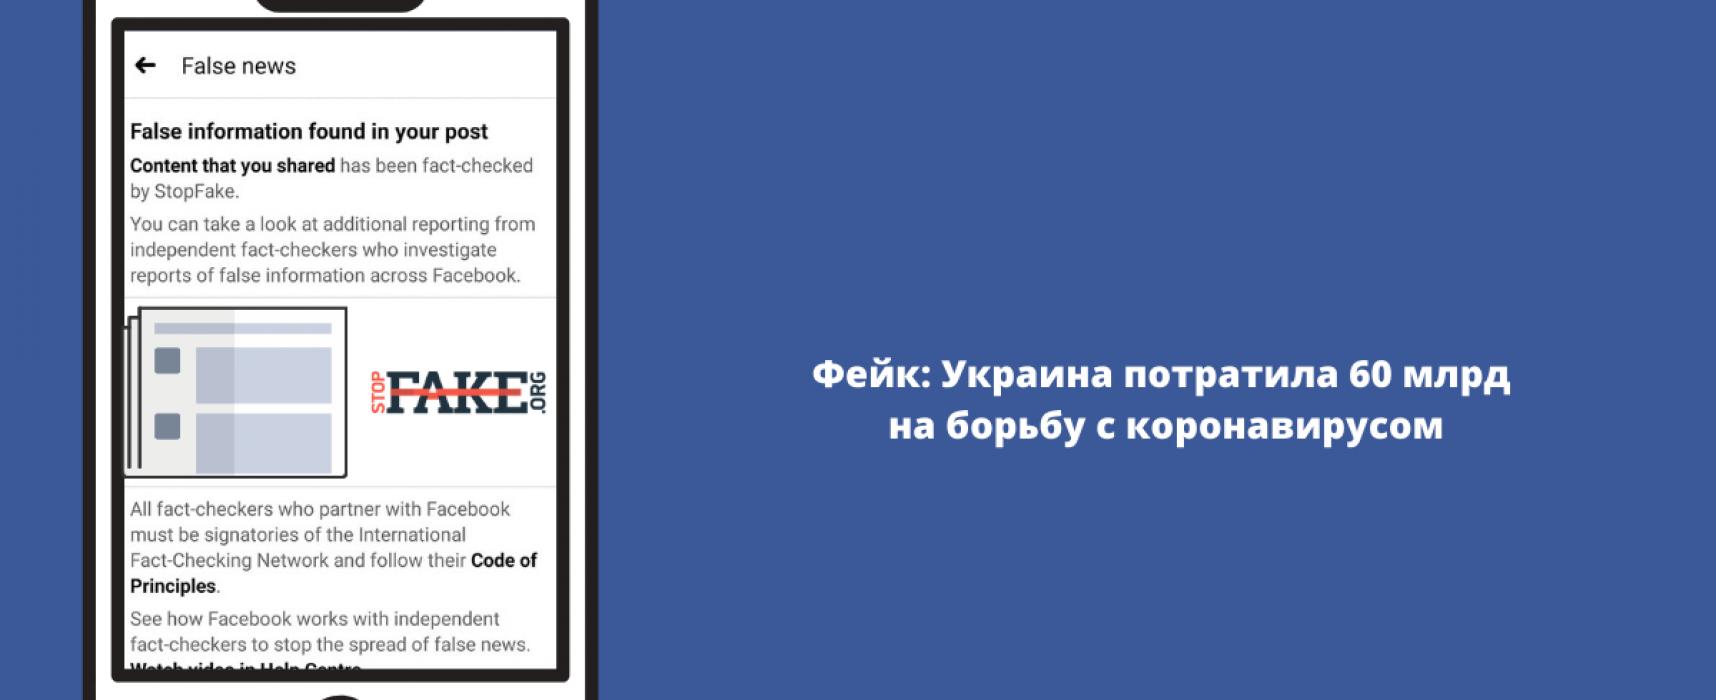 Фейк: Україна витратила 60 млрд на боротьбу з коронавірусом